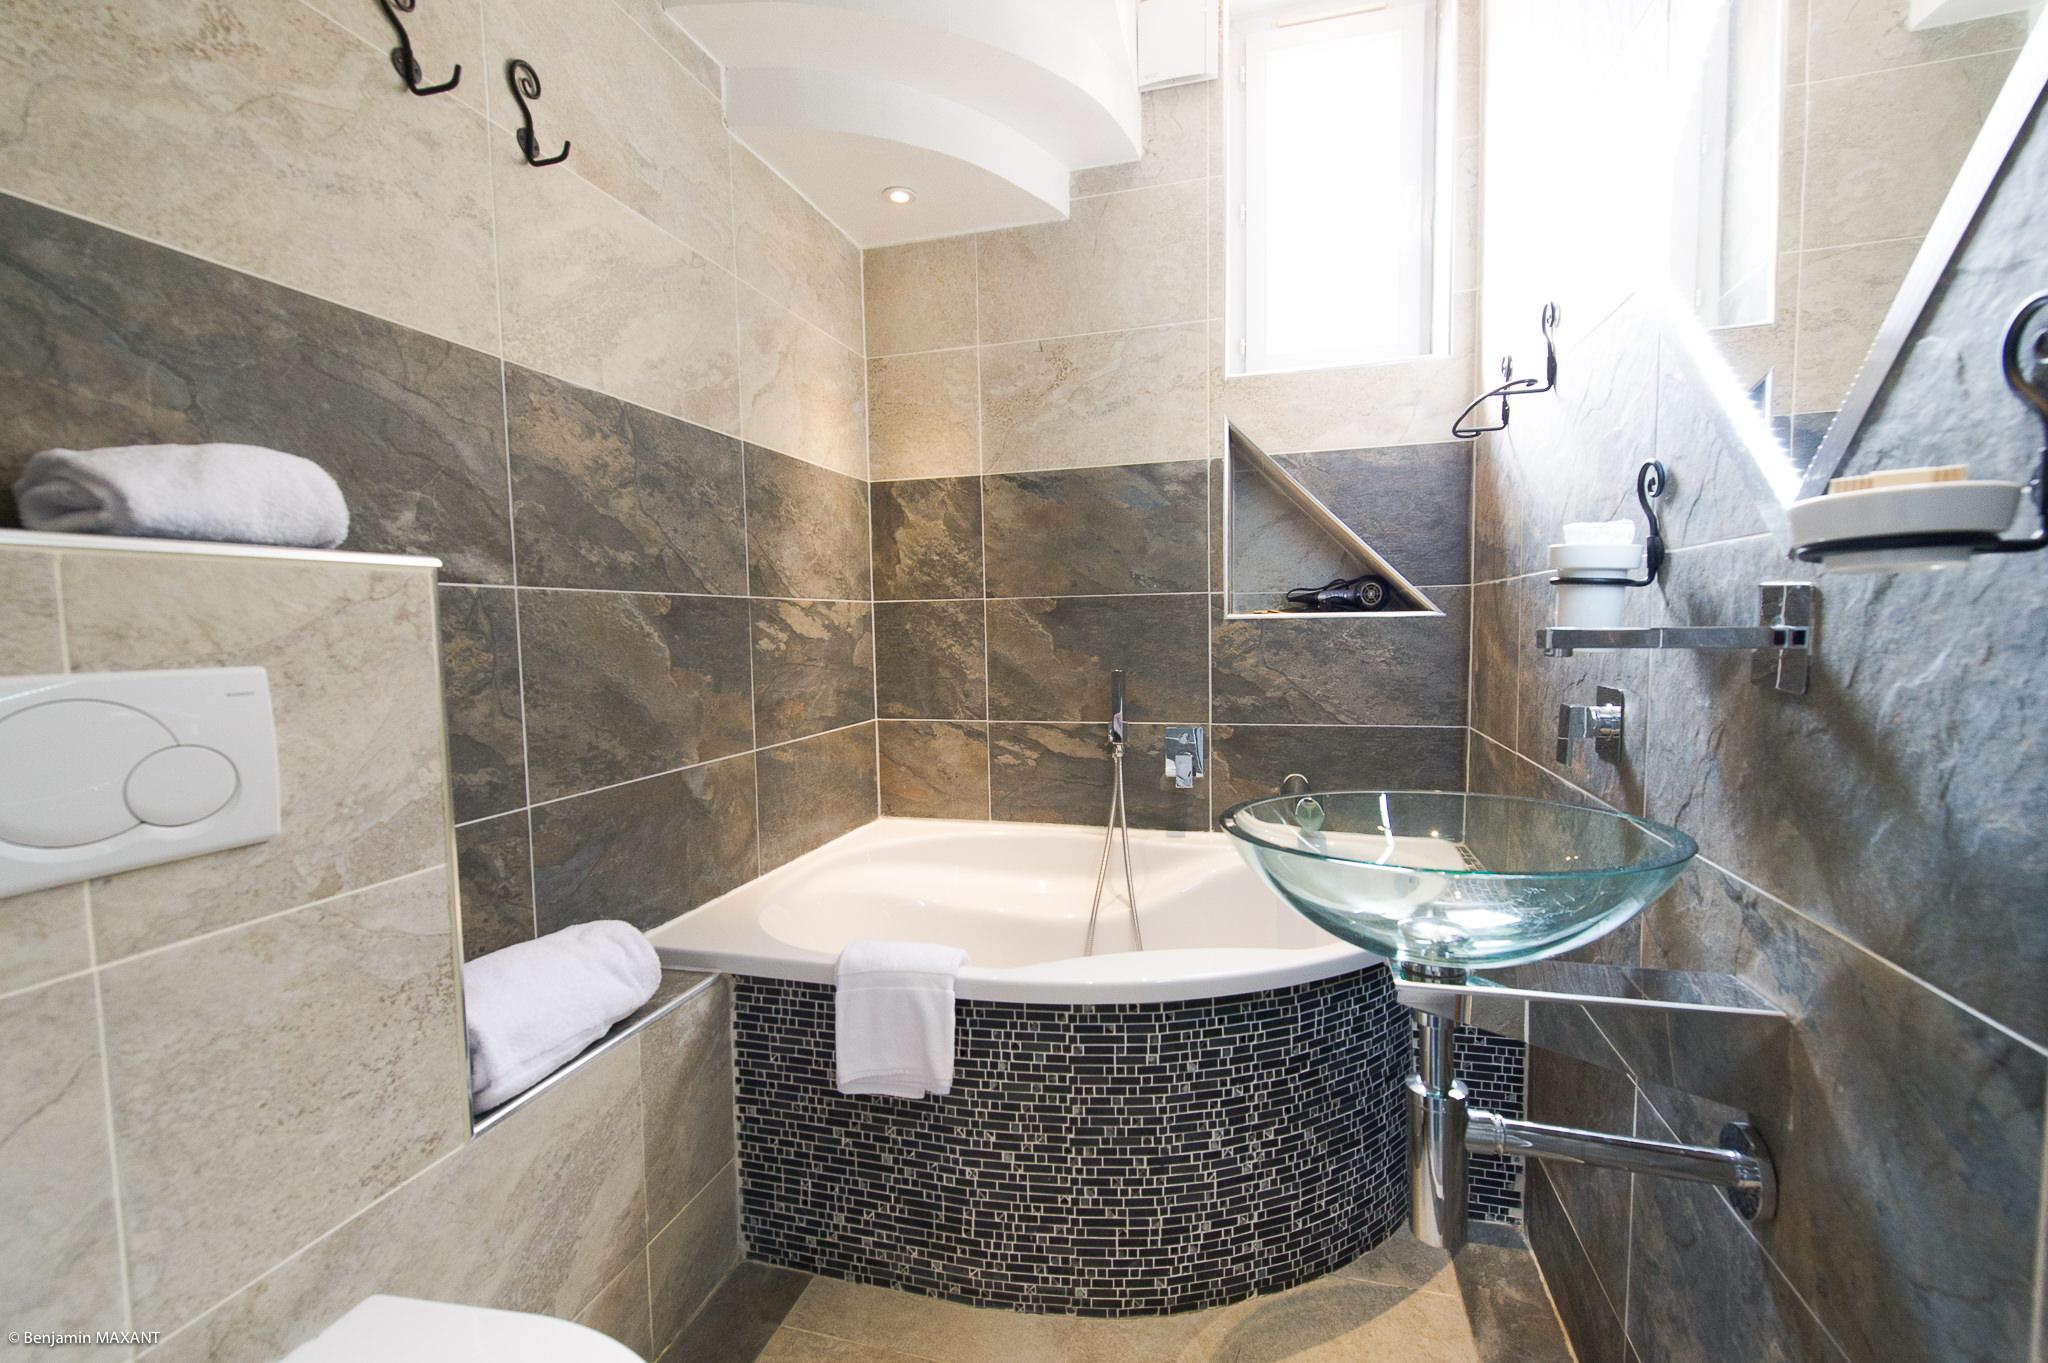 Reportage photo immobilier - Hôtel Idéal - salle de bain de la chambre féérique dragon